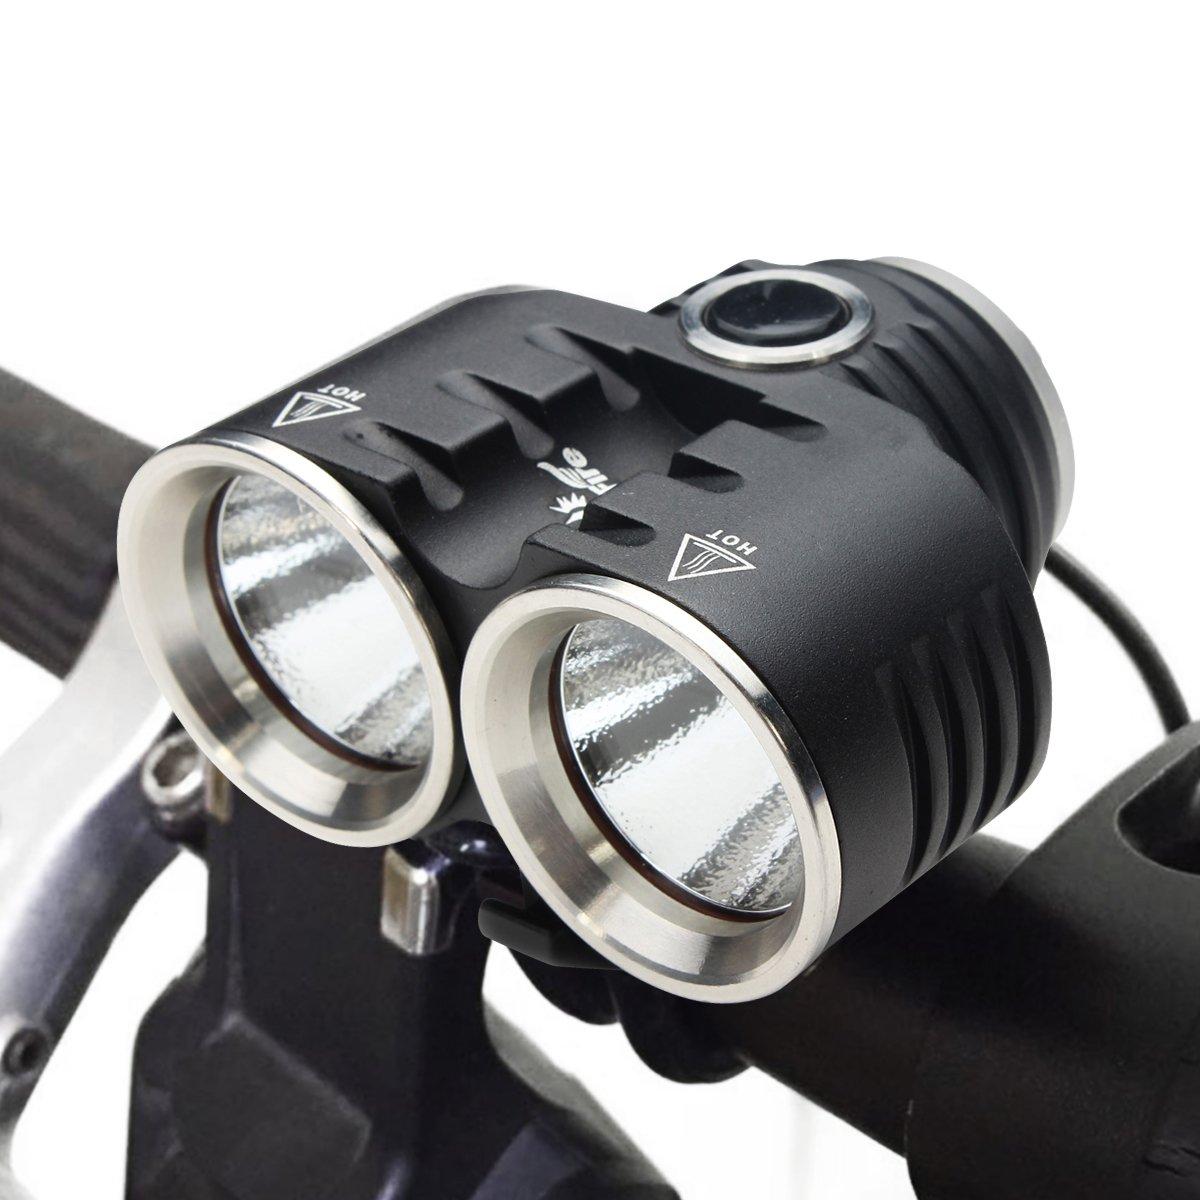 Bike Scheinwerfer ThorFire BL02Bike CREE XM-L2LED Rechargeable Fahrrad Licht Scheinwerfer 3Modi wird geliefert mit kostenloser und Rücklicht 8800mAh Akku Pack für Radfahren Joggen Camping Wandern